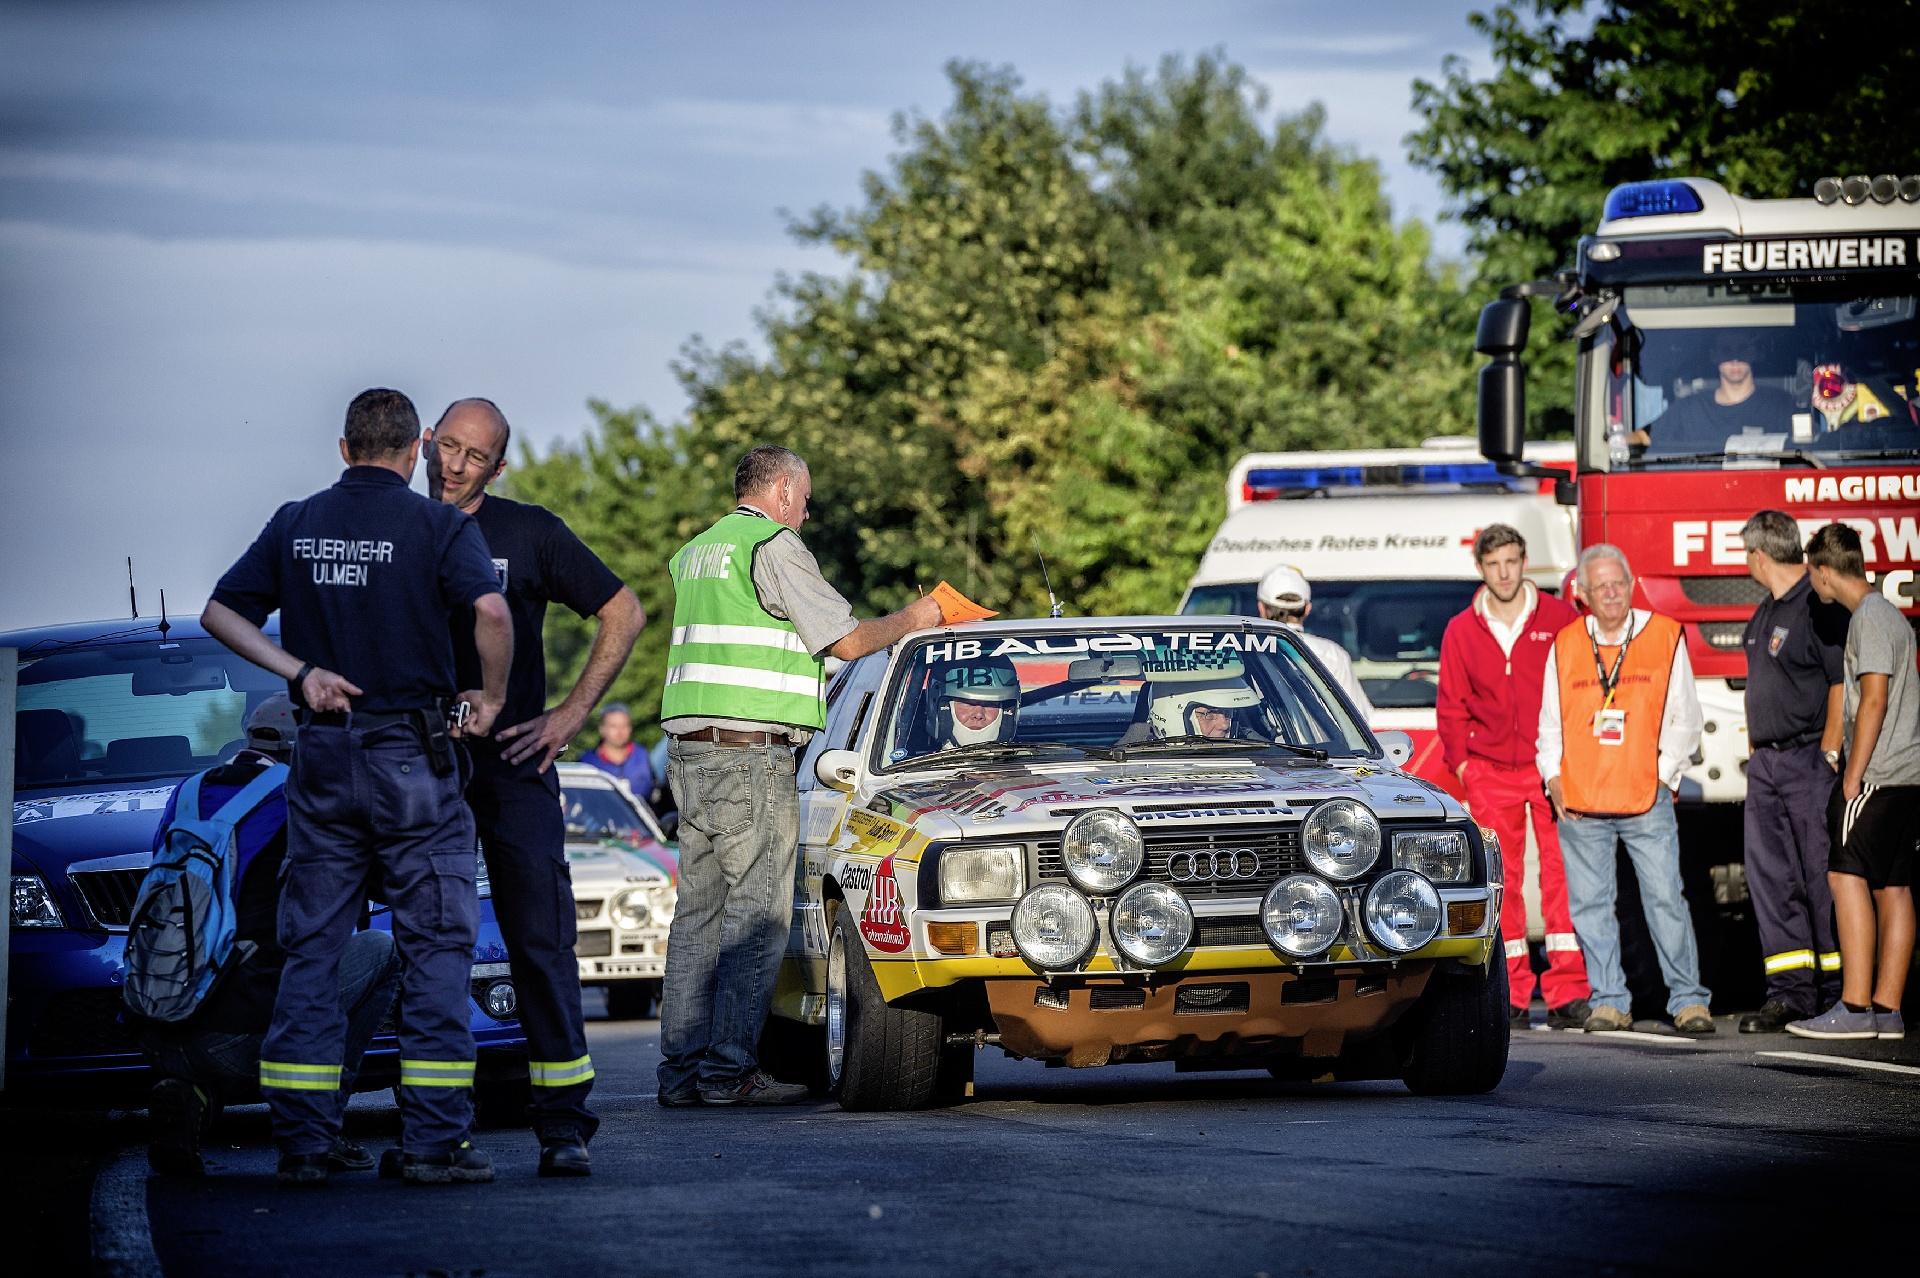 V petih letih, od 1981 do 1985, so vozniki AudijaquattroMichèleMouton,HannuMikkola,StigBlomqvistin WalterRöhrlna svetovnihrallyprvenstvih za Audi osvojili 23 tekem. Posledično je Audi narallyjihlahko praznoval premoč v štirikolesnem pogonu.